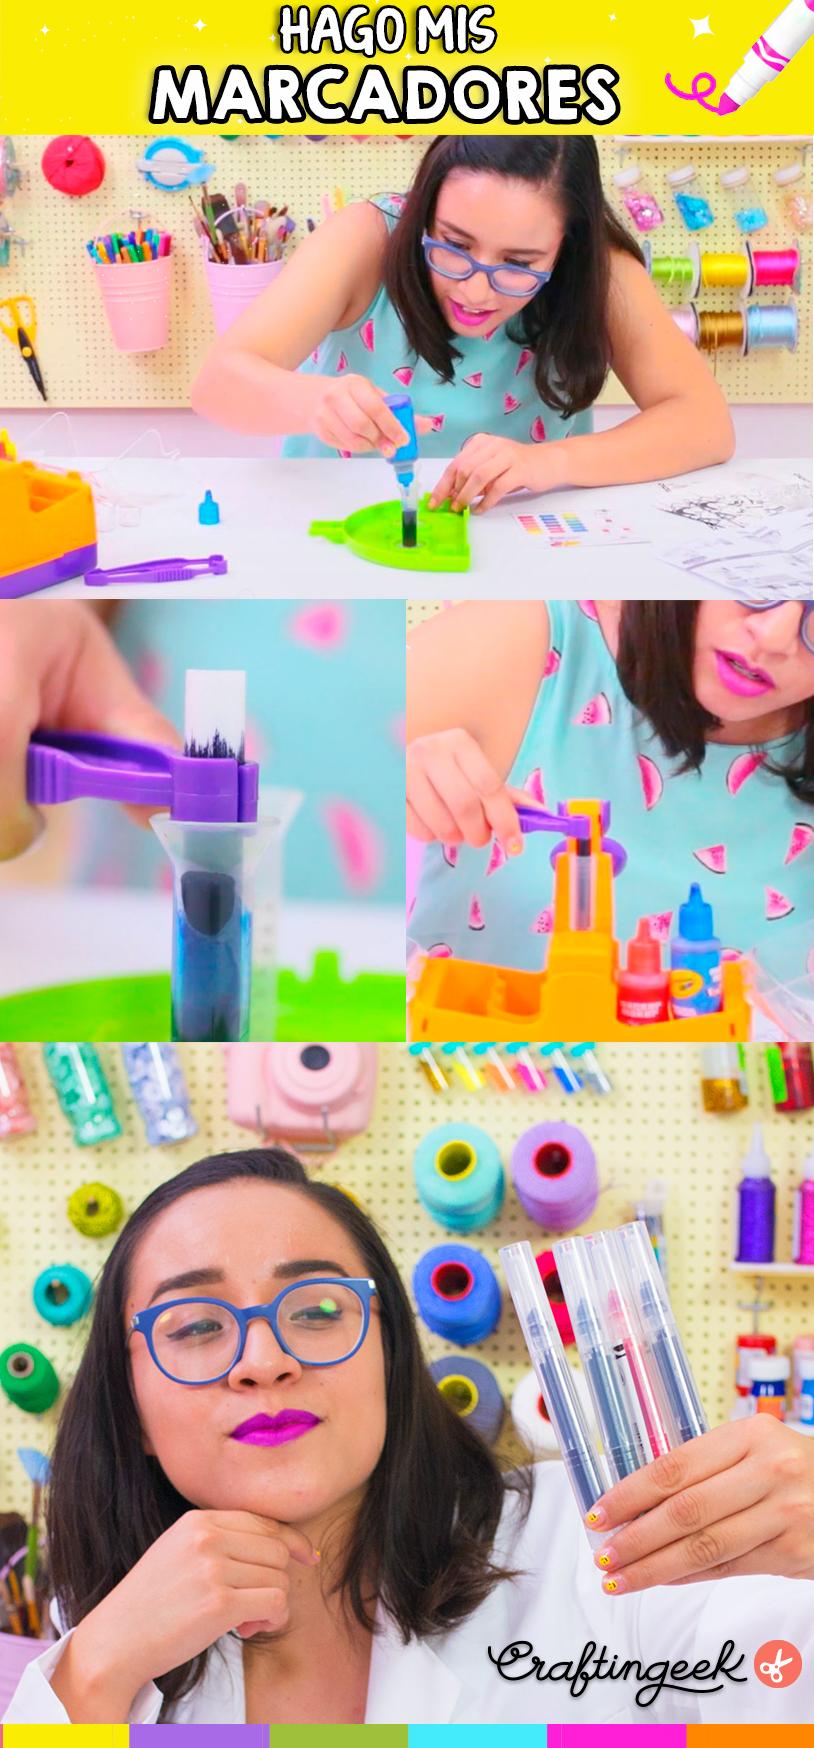 Tu propia Fábrica de marcadores ¡Crea tus propios colores!